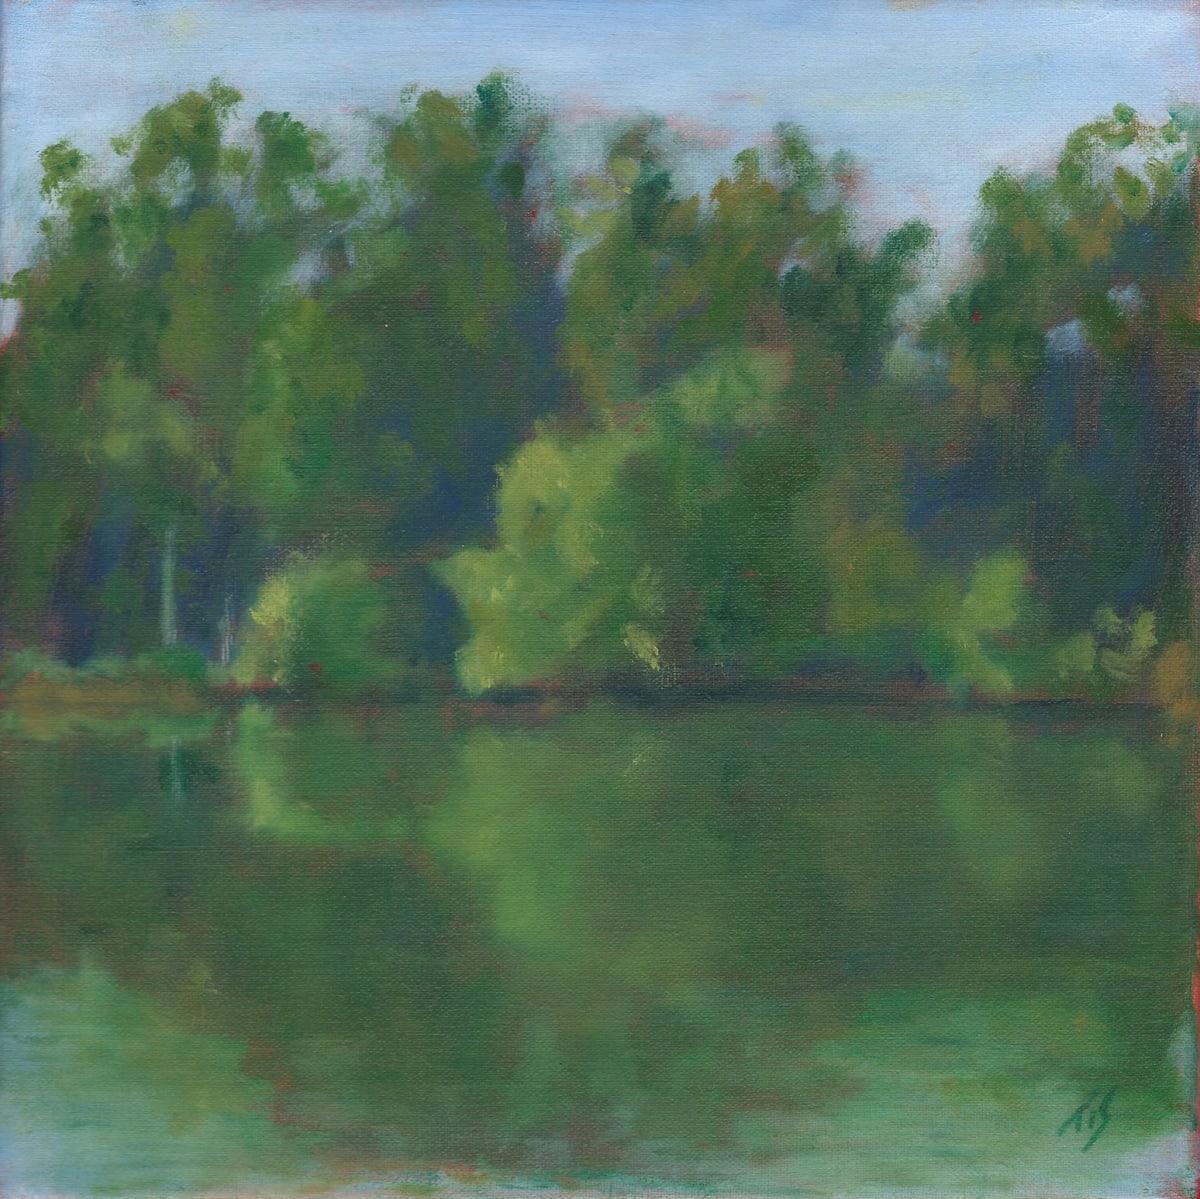 Walton's Pond  (37.47613N 77.632142W) by Thomas Stevens